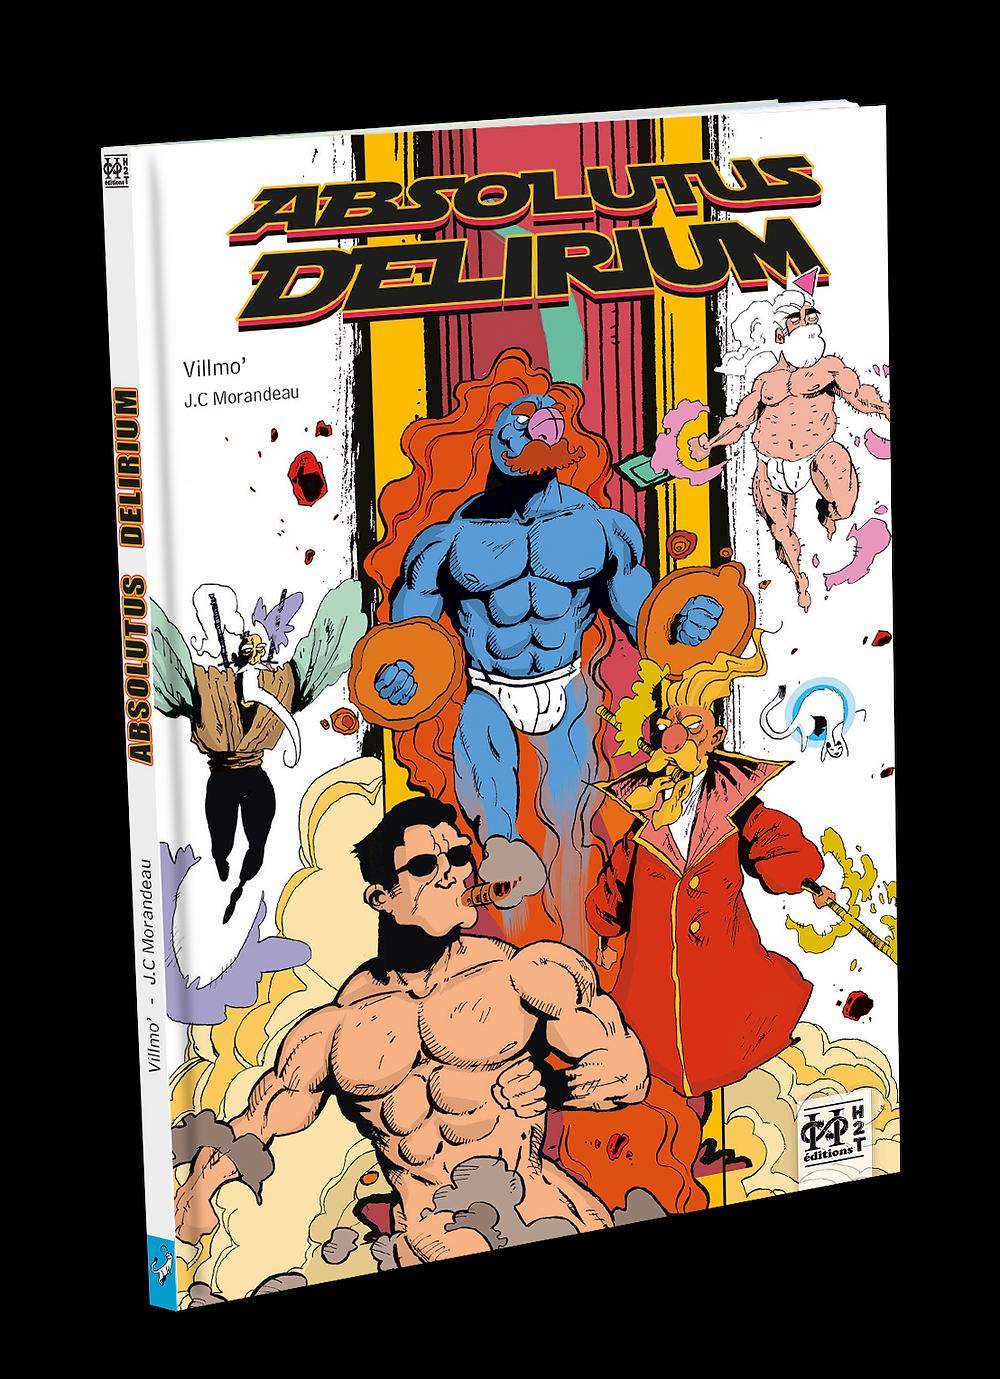 """Sortie en librairie de la BD couleur """"Absolutus Delirium"""" une oeuvre humoristique de Villmo' aux Editions H2T"""